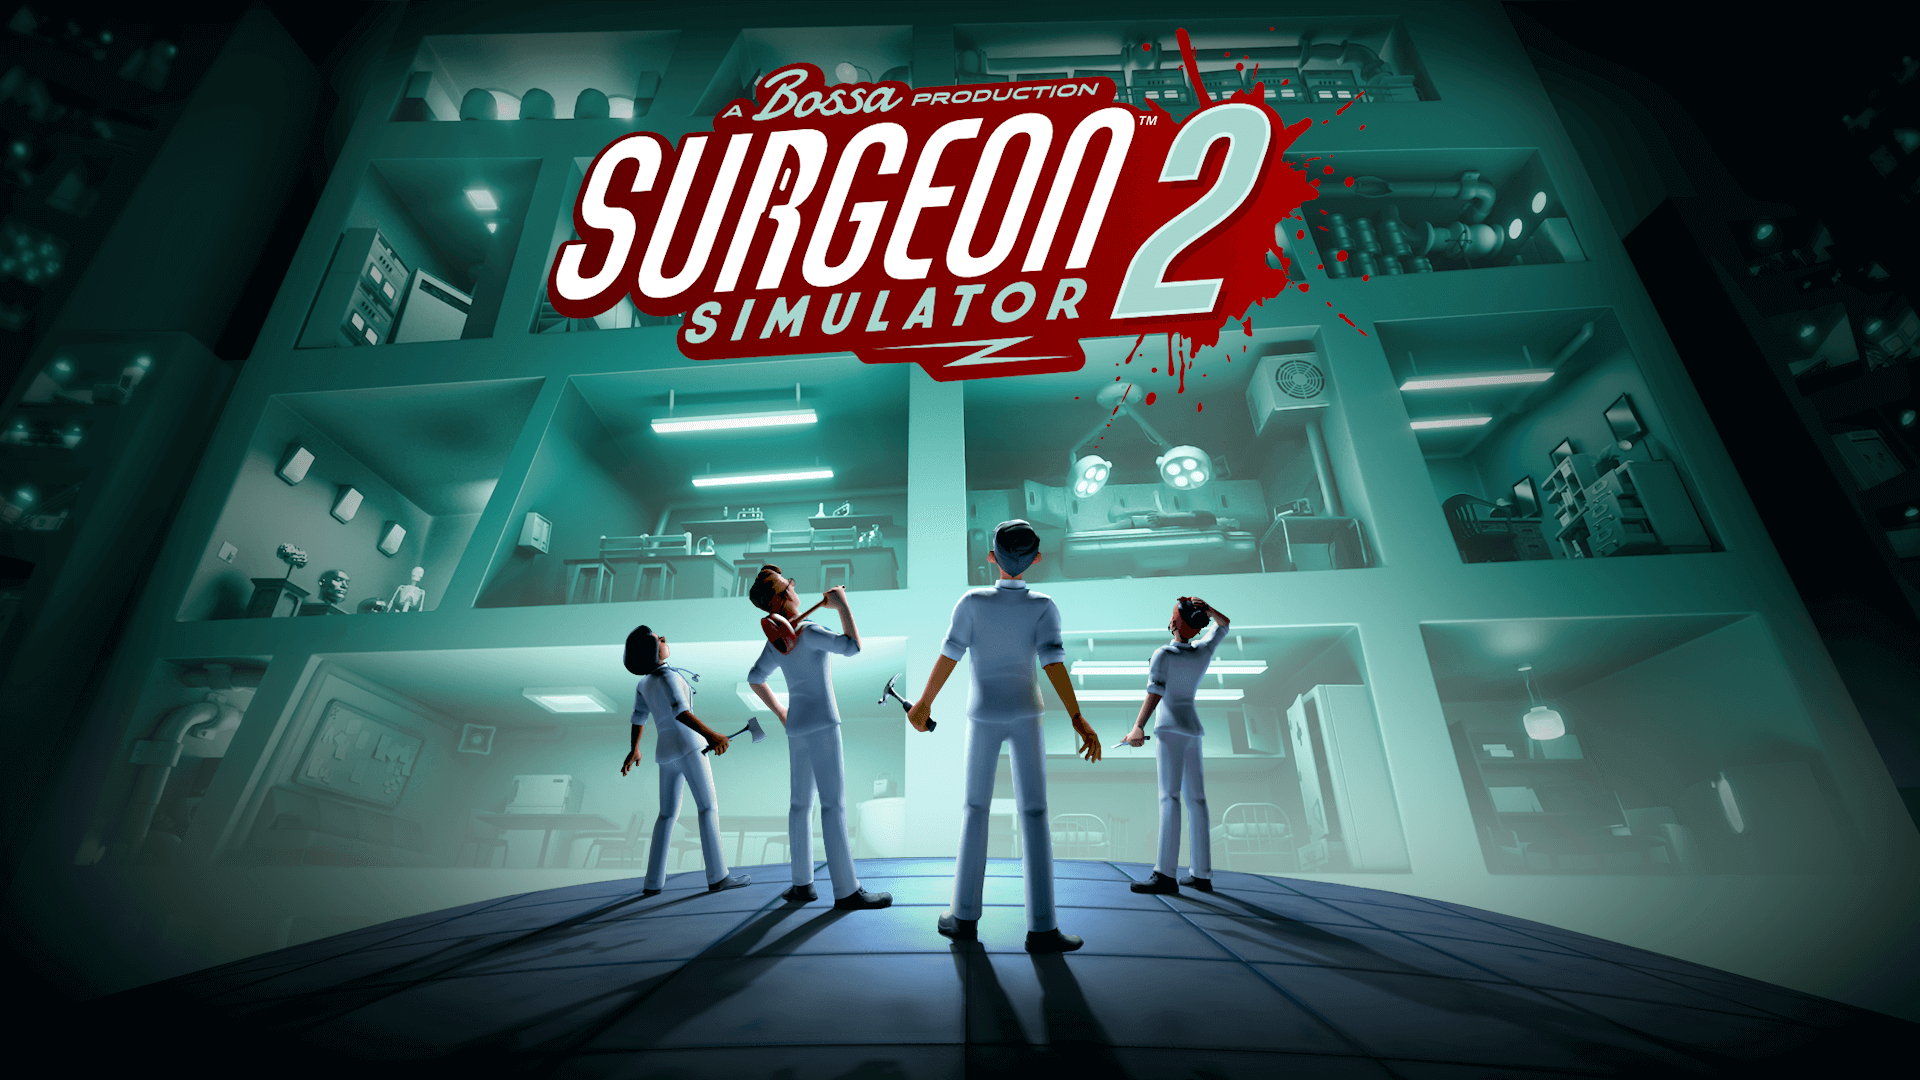 Modo De Criacao E Data De Lancamento Do Surgeon Simulator 2 Revelados Em Novo Trailer